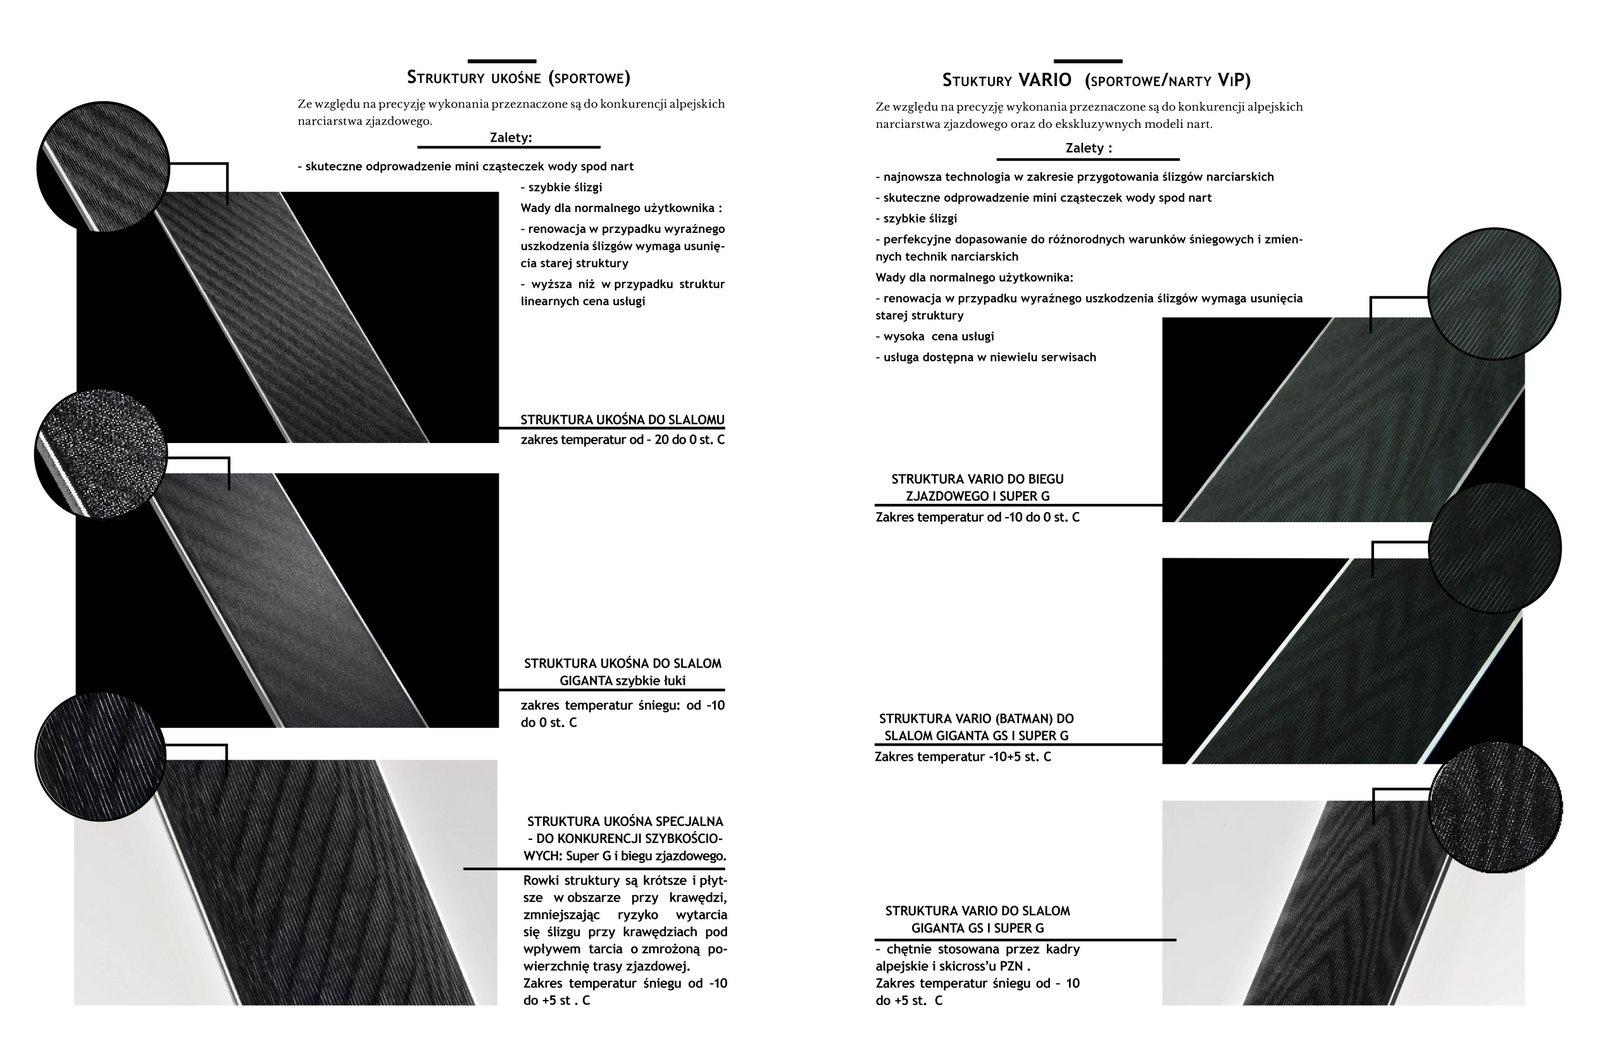 1-struktury2